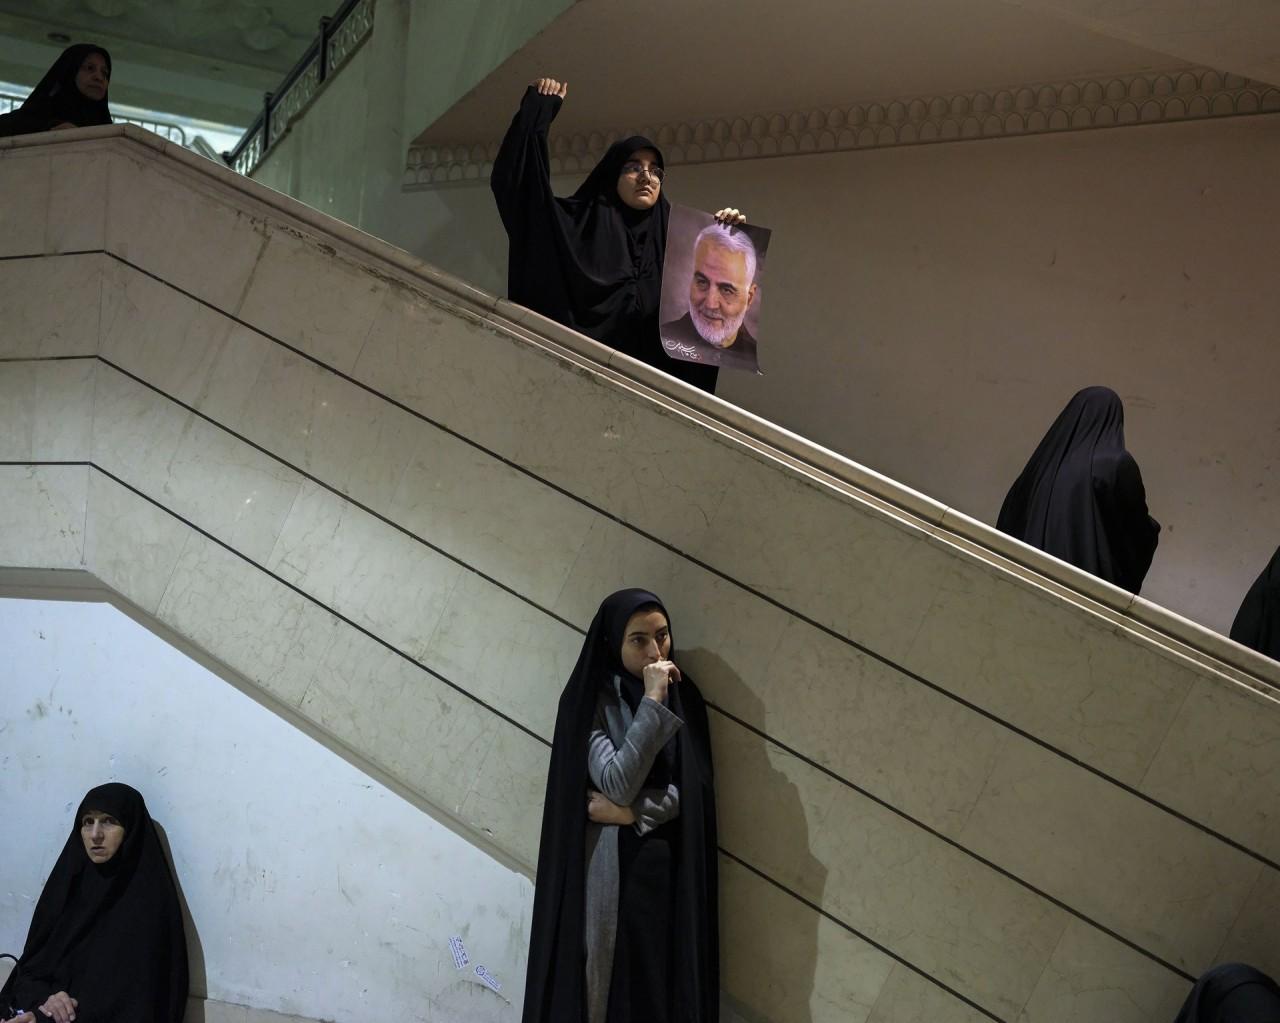 3 место в категории «Общие новости», 2021. Женщины оплакивают смерть генерал-майора Касема Сулеймани в Тегеране, Иран, 4 января 2020 года. Автор Нюша Таваколян